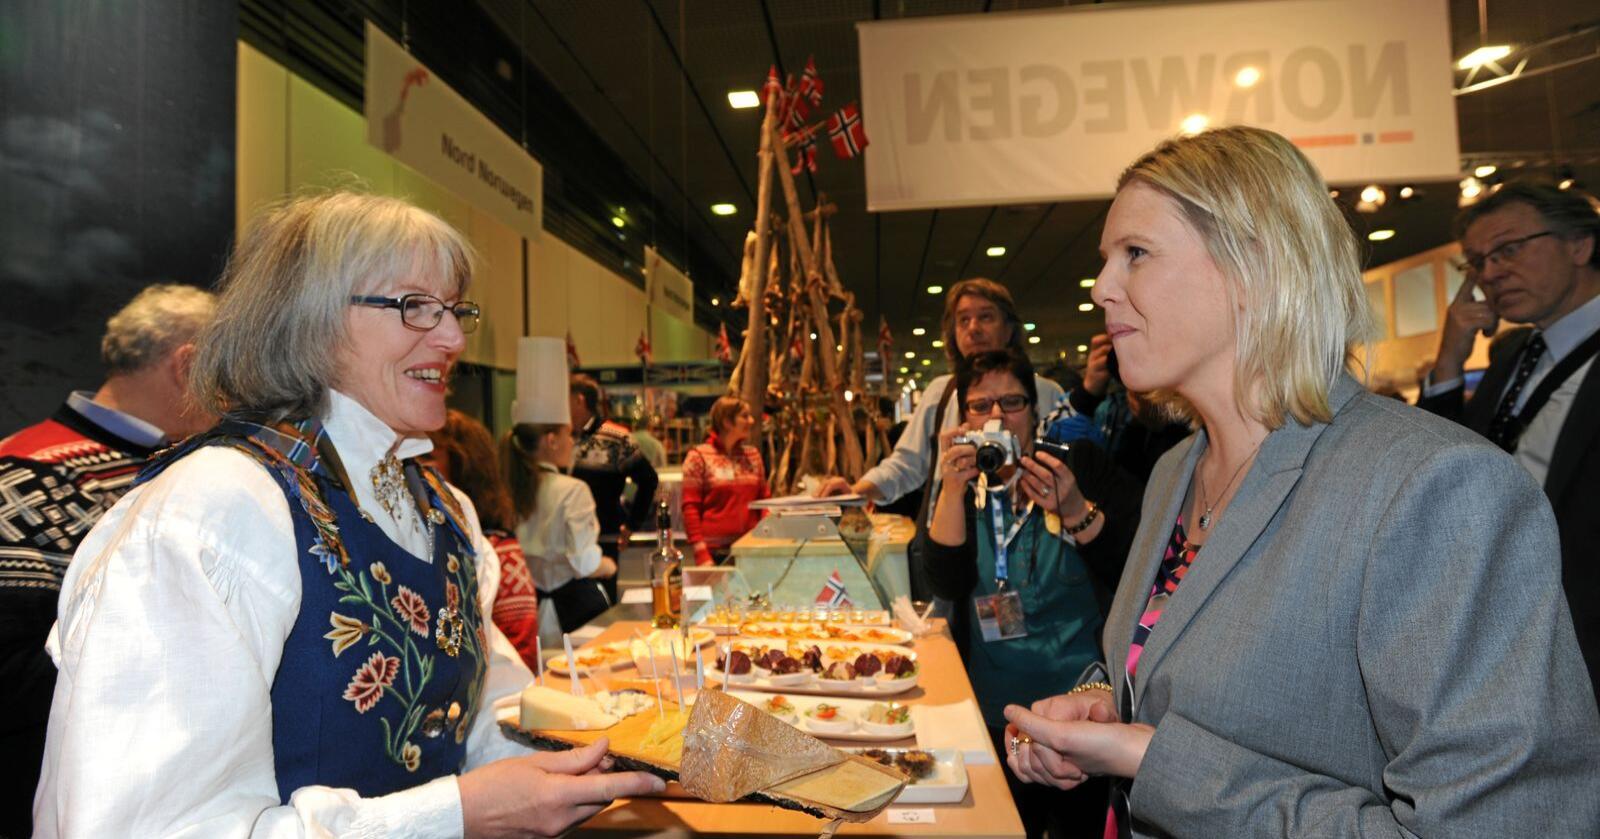 Grüne Woche 2021 er avlyst. Her fra 2014 hvor nåværende leder i Nordland Bonde- og Småbrukarlag Astrid Olsen serverer ost til daværende landbruksminister Sylvi Listhaug. Foto: Mariann Tvete